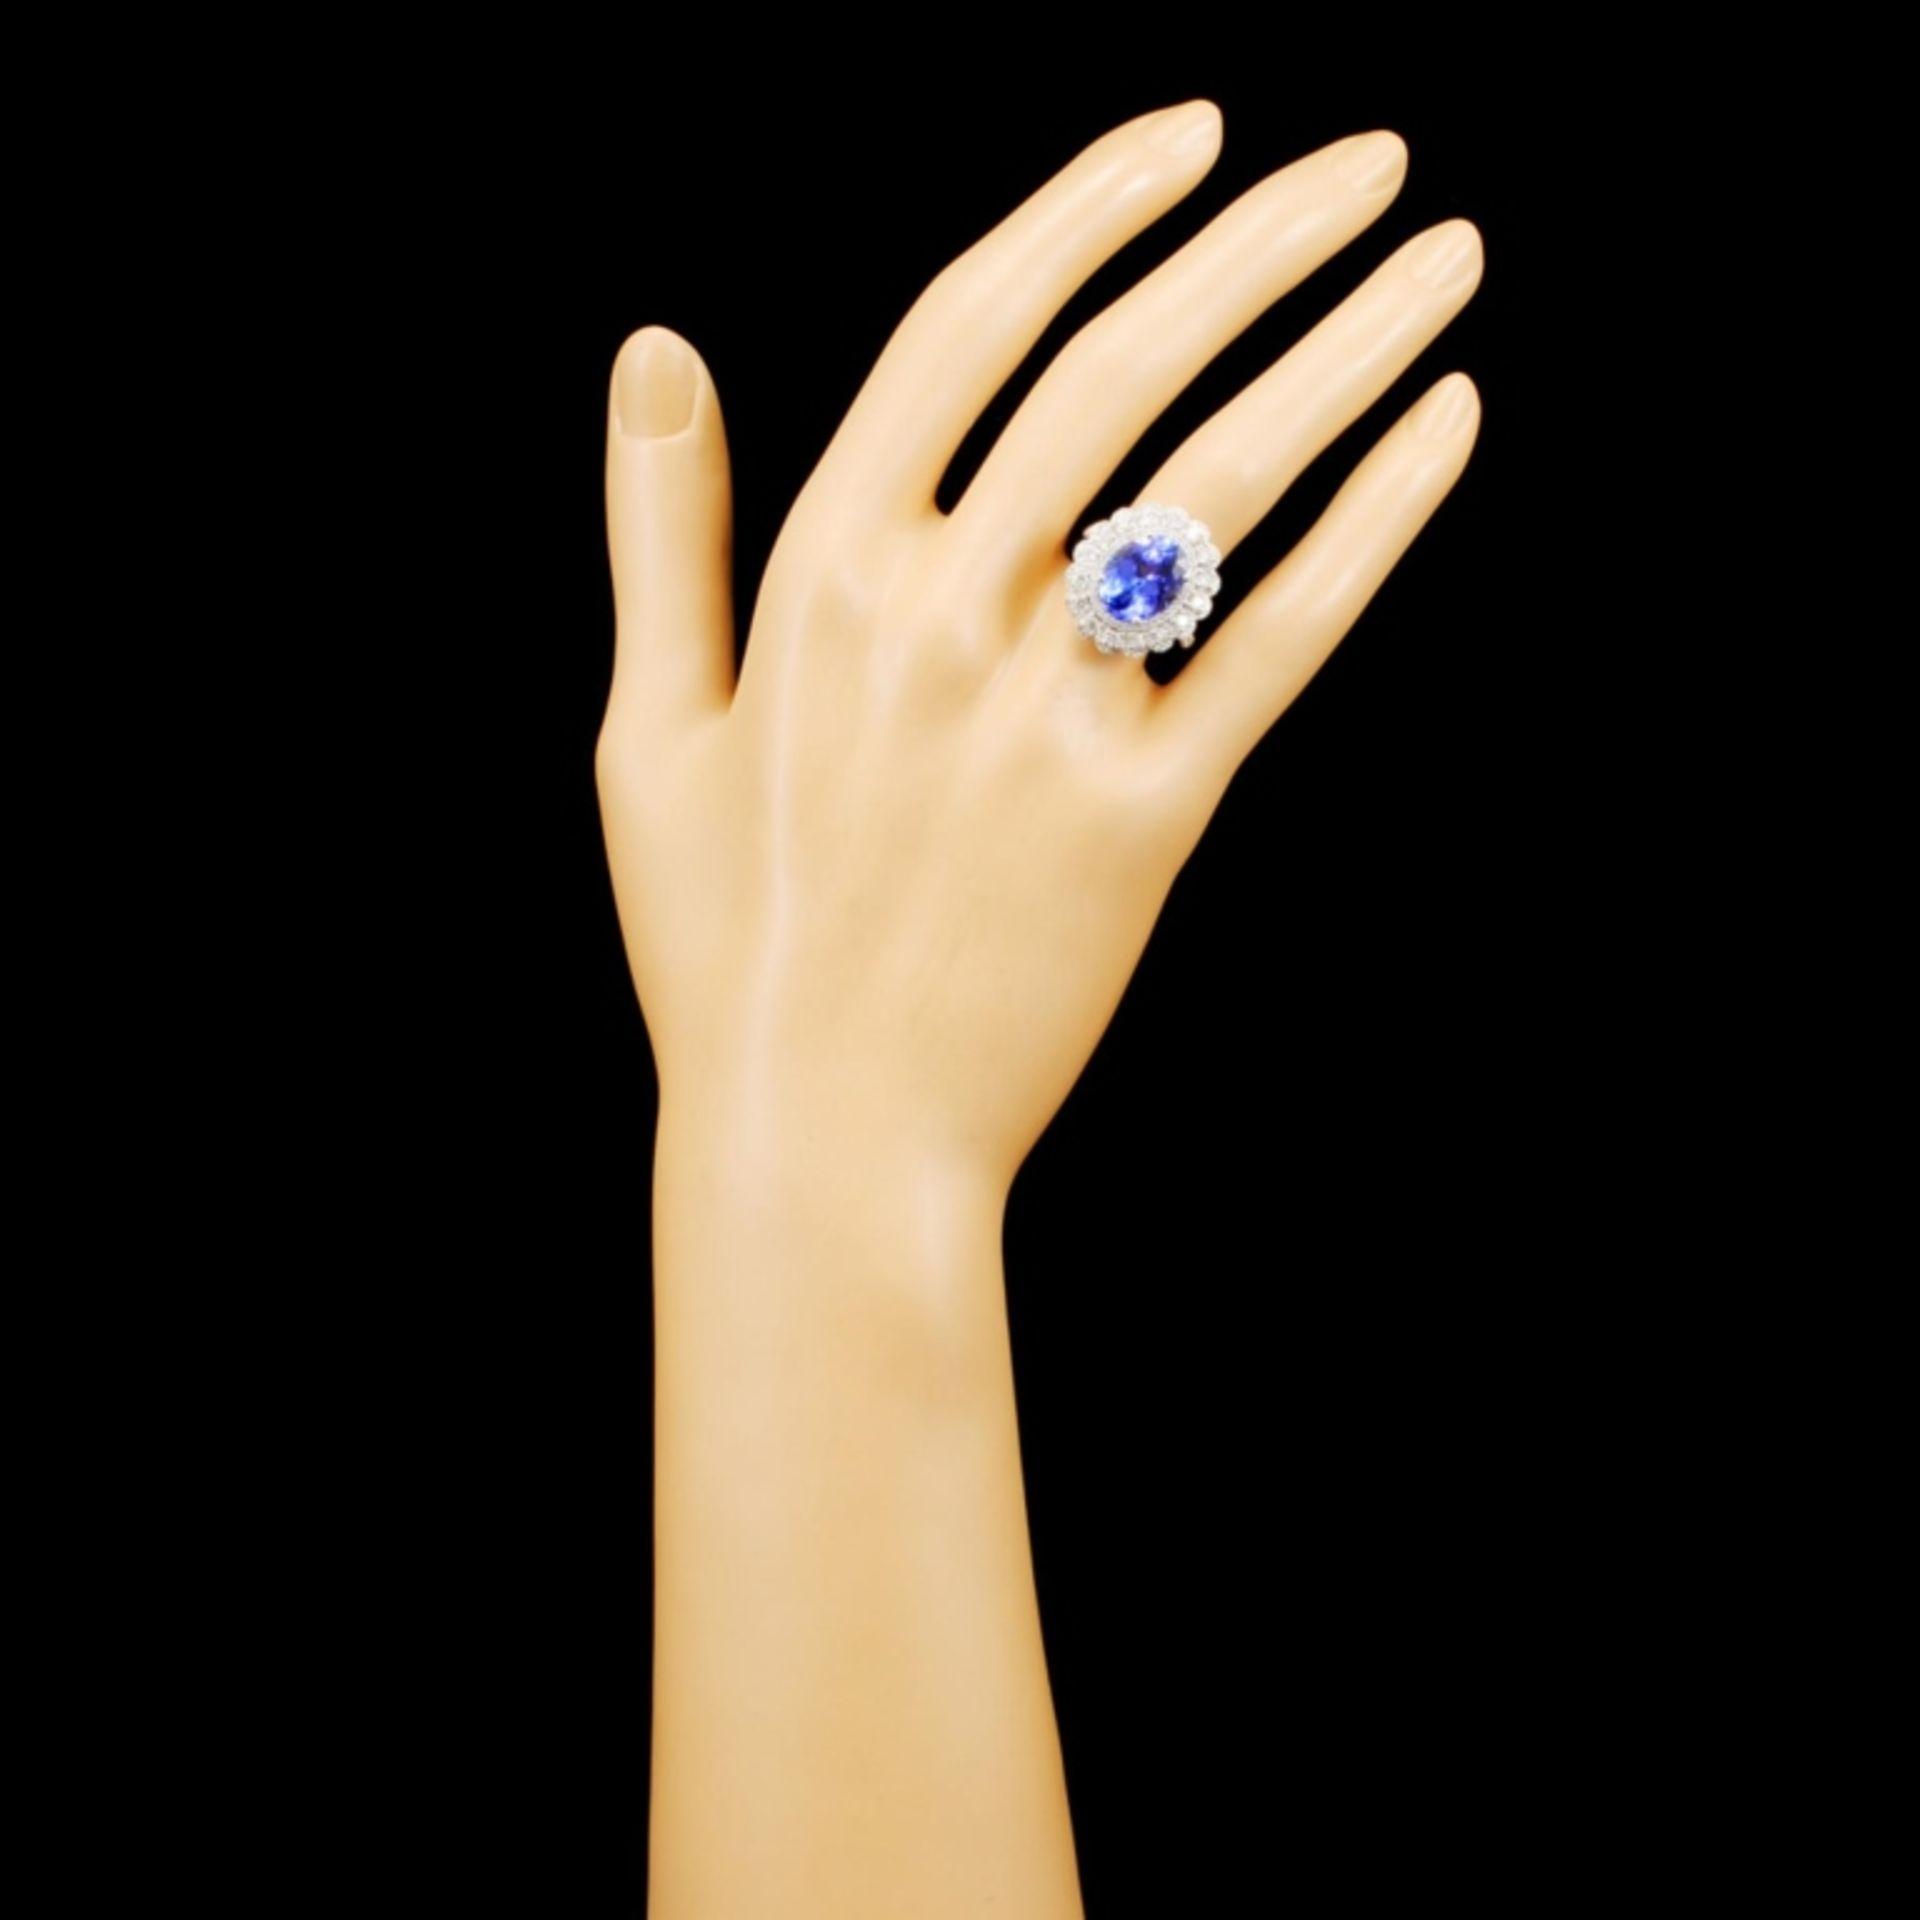 18K Gold 4.92ct Tanzanite & 1.07ctw Diamond Ring - Image 4 of 5